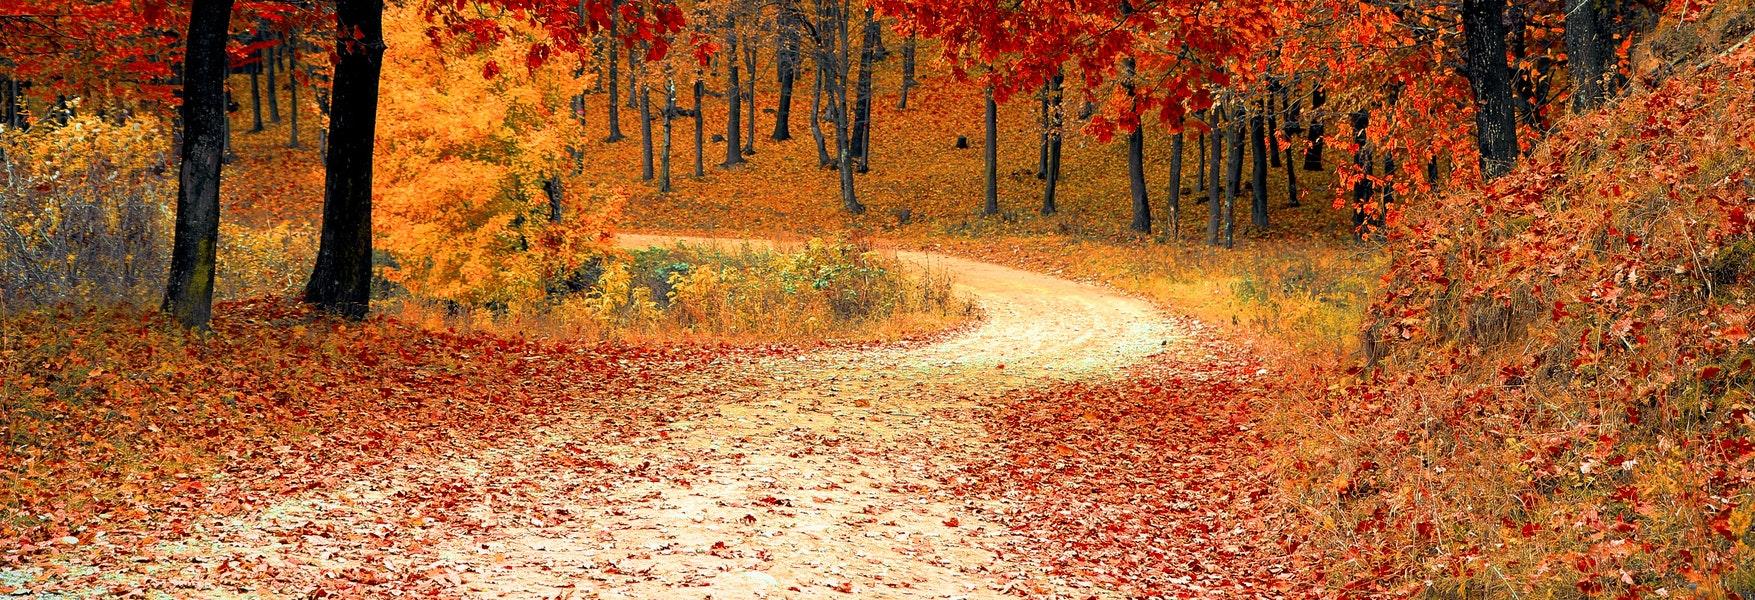 ¿Por qué el otoño es amarillo en Europa y rojo en Norteamérica? - OpenMind